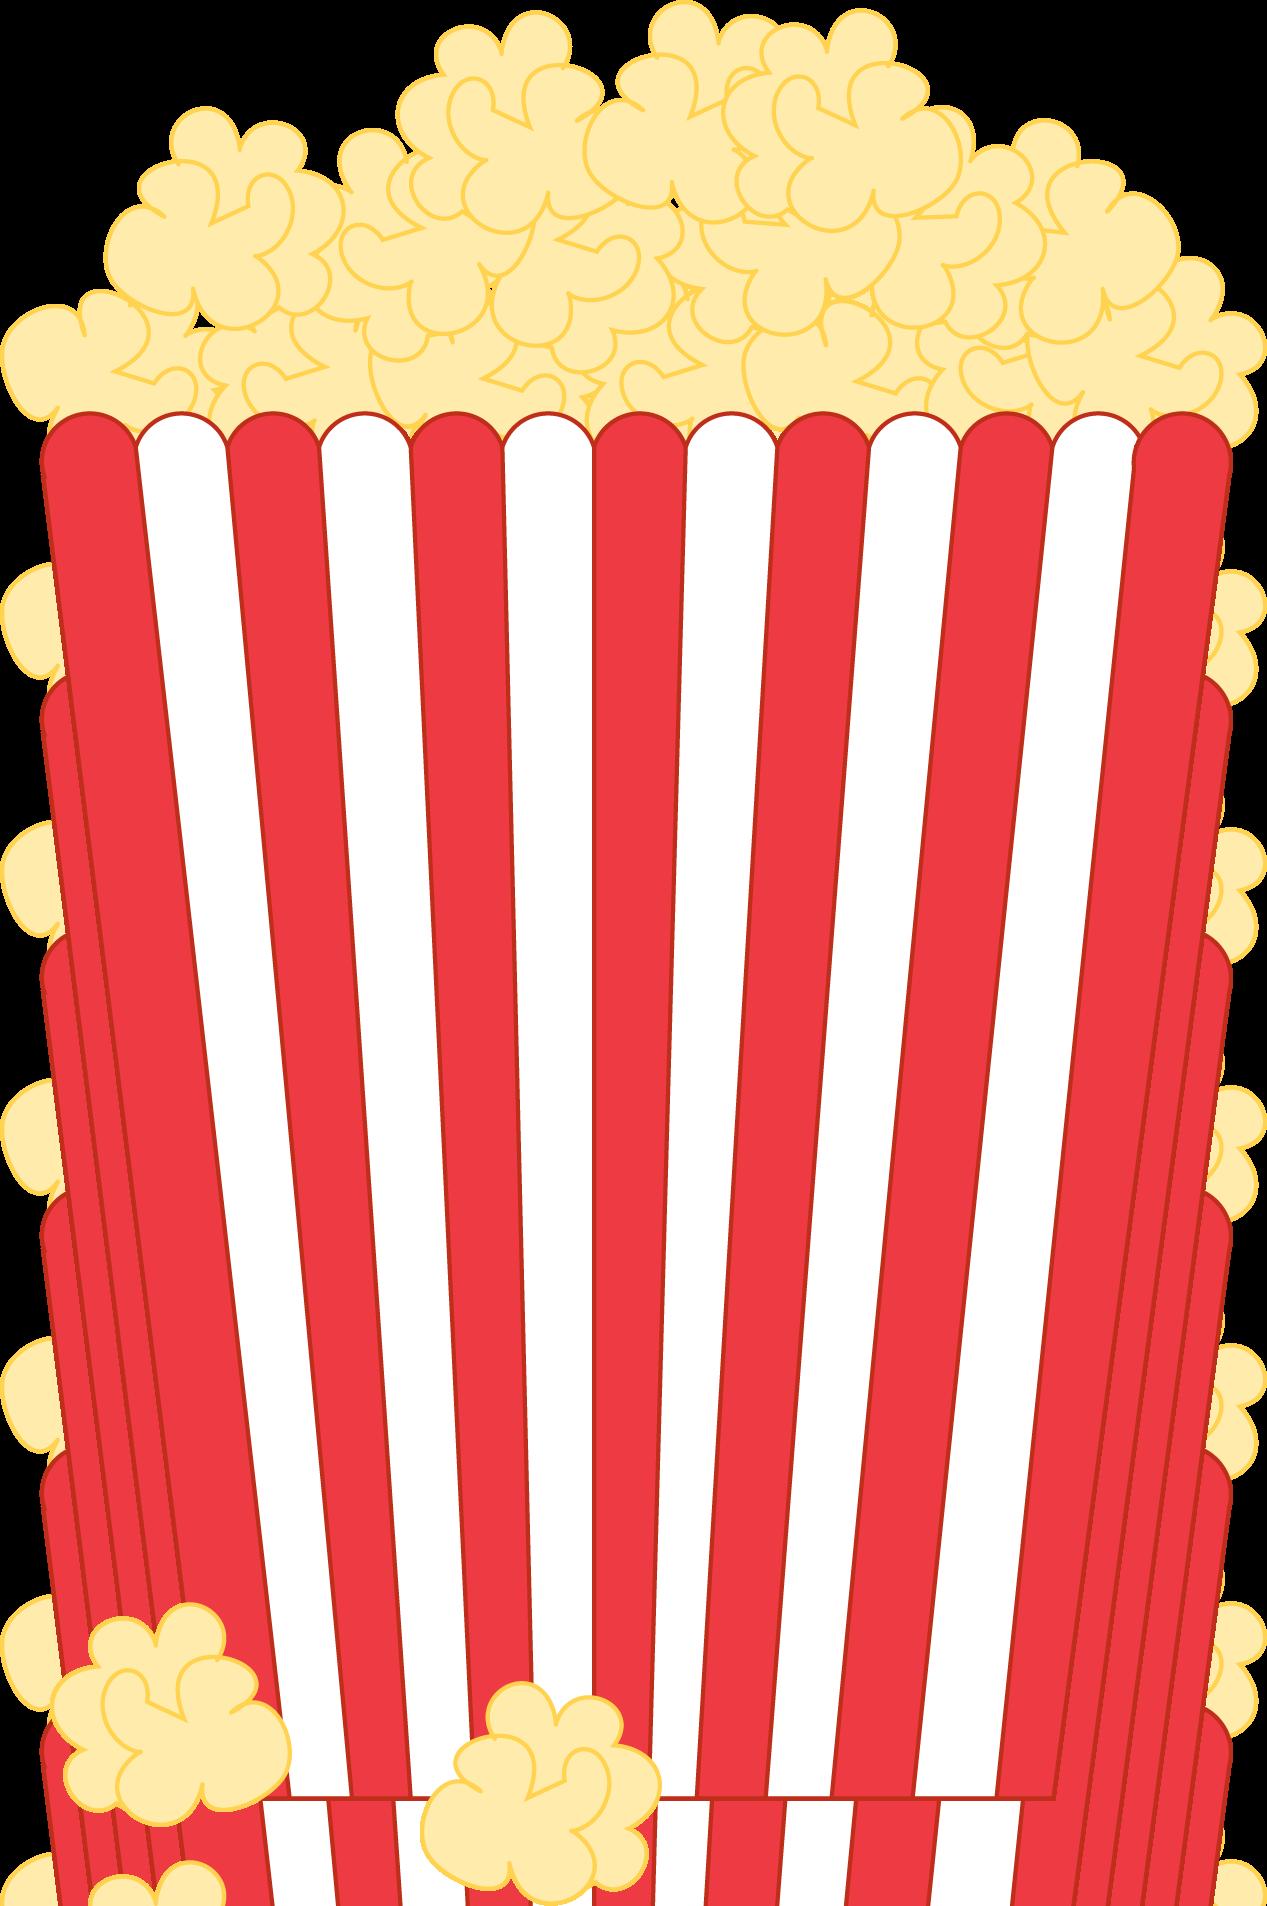 Popcorn kernel popcorn clipart